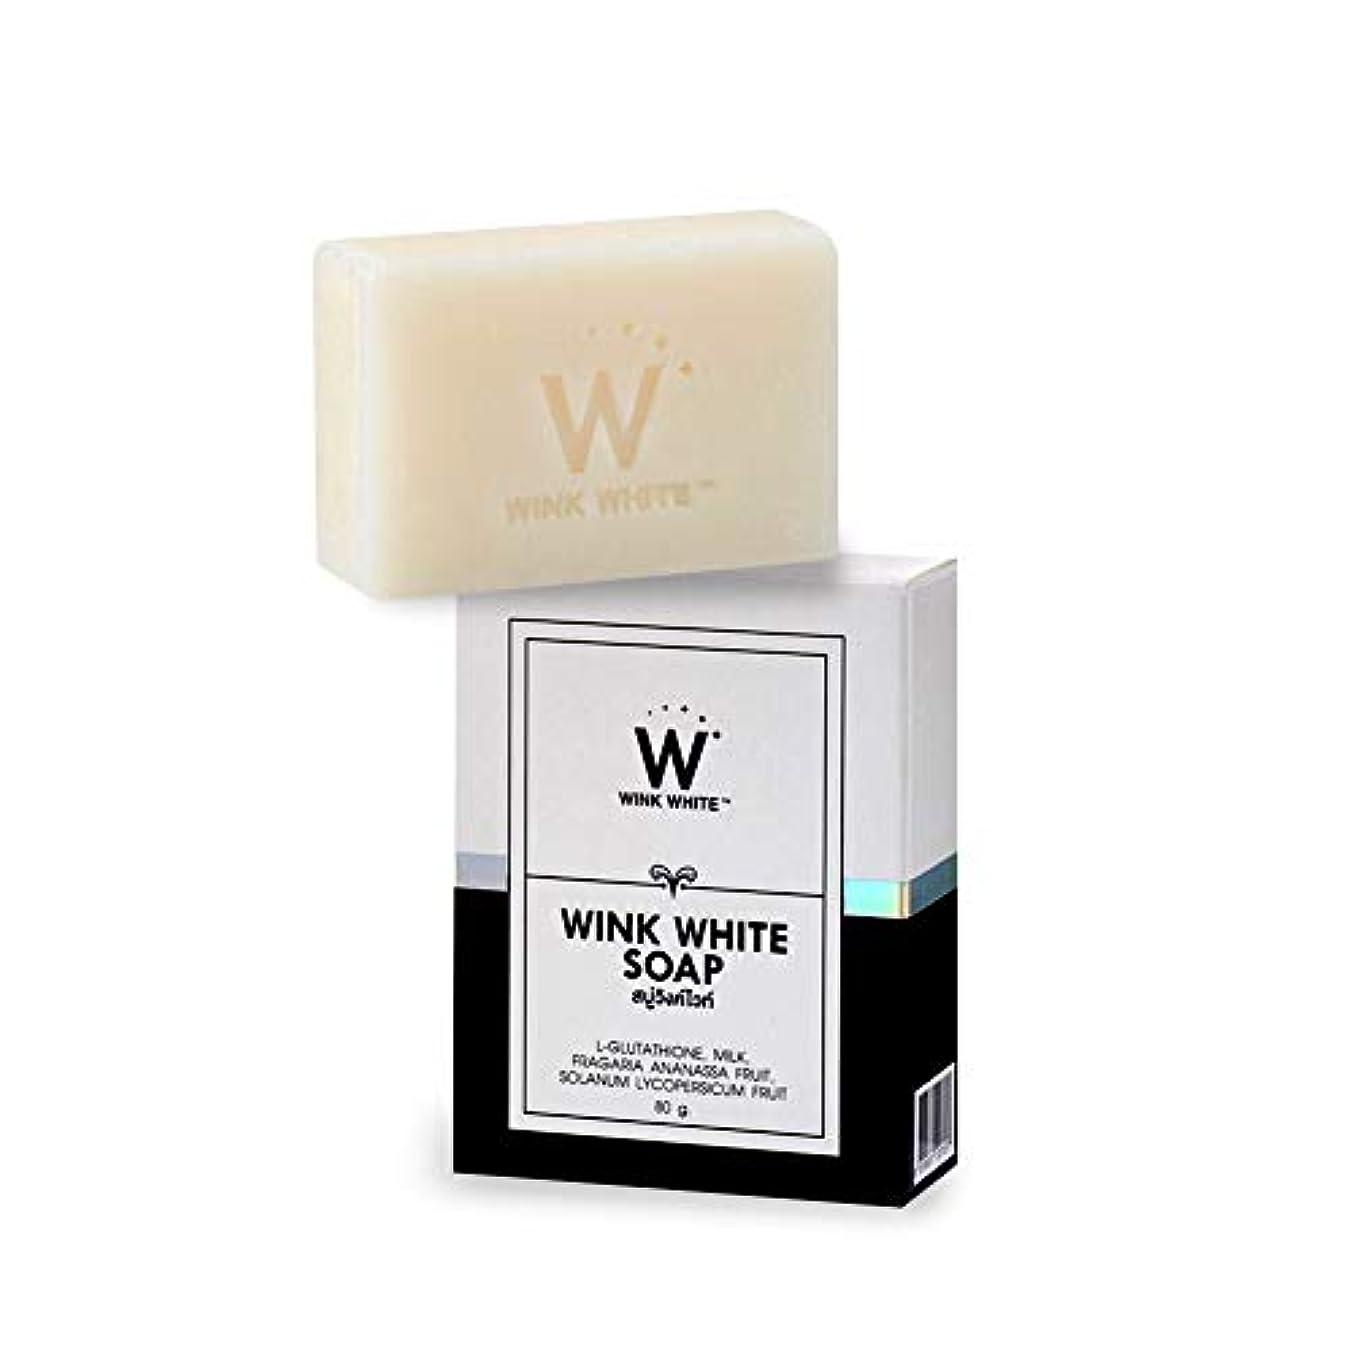 充電トランザクション豊富にMangos Teen White Soap Base Wink White Soap Gluta Pure Skin Body Whitening Strawberry for Whitening Skin All Natural Milled Goats Milk 1 Bar 80g